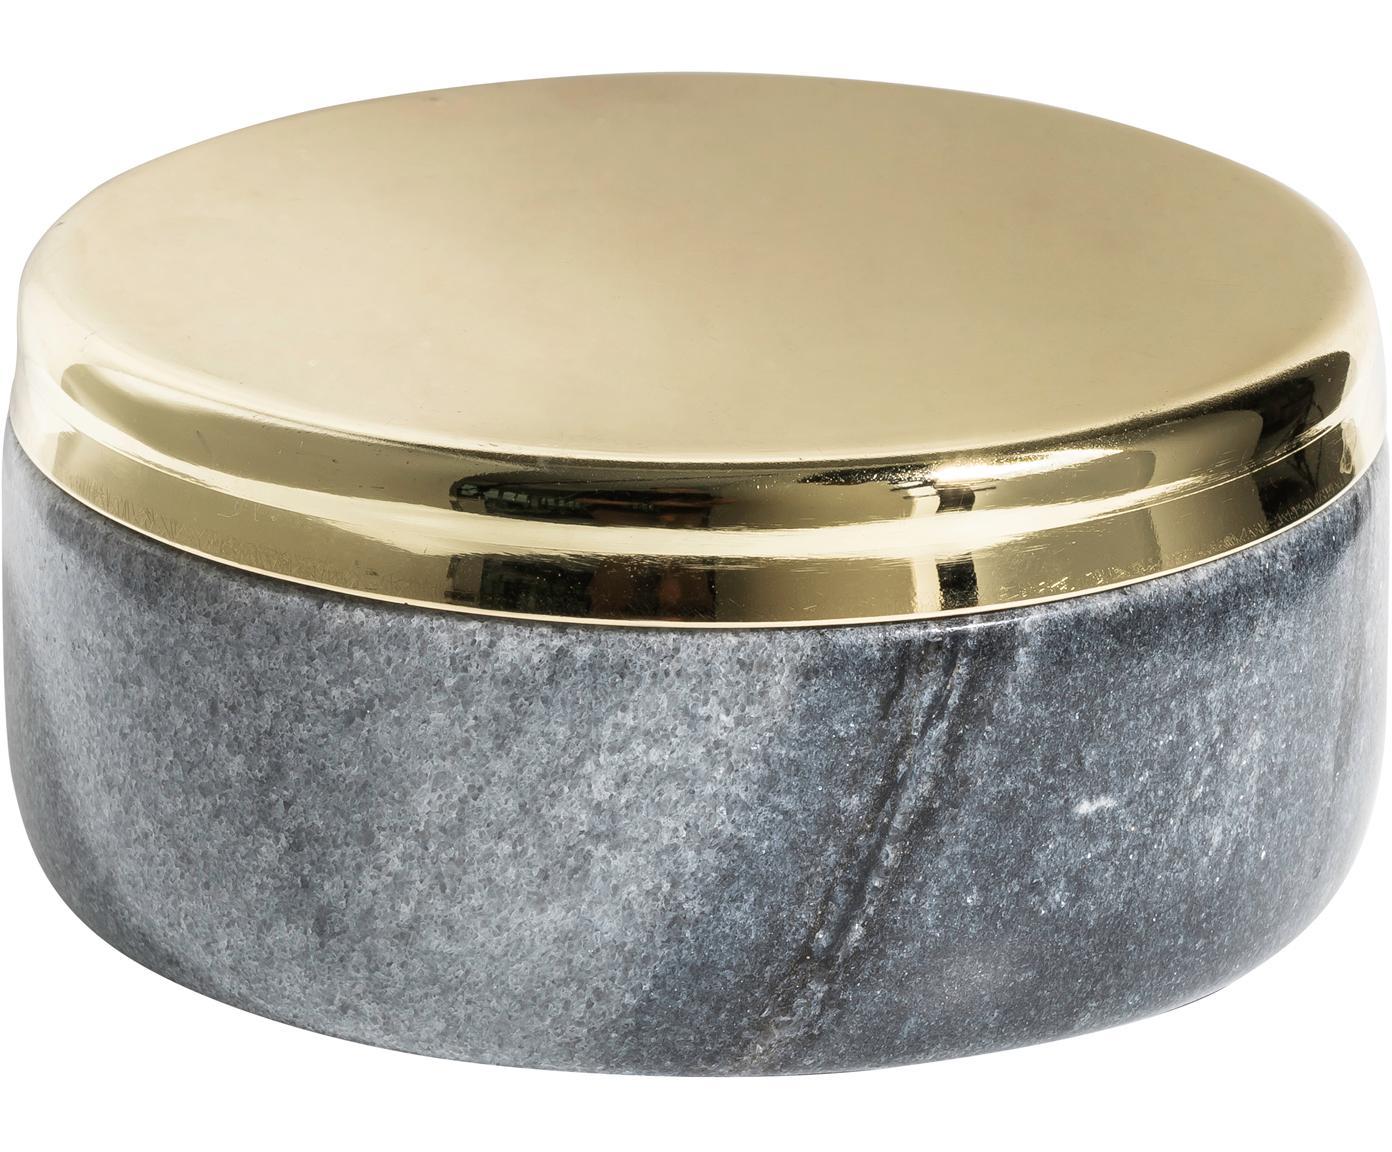 Pojemnik do przechowywania z marmuru Sakata, Marmur, metal, Szary, odcienie złotego, Ø 10 x W 4 cm